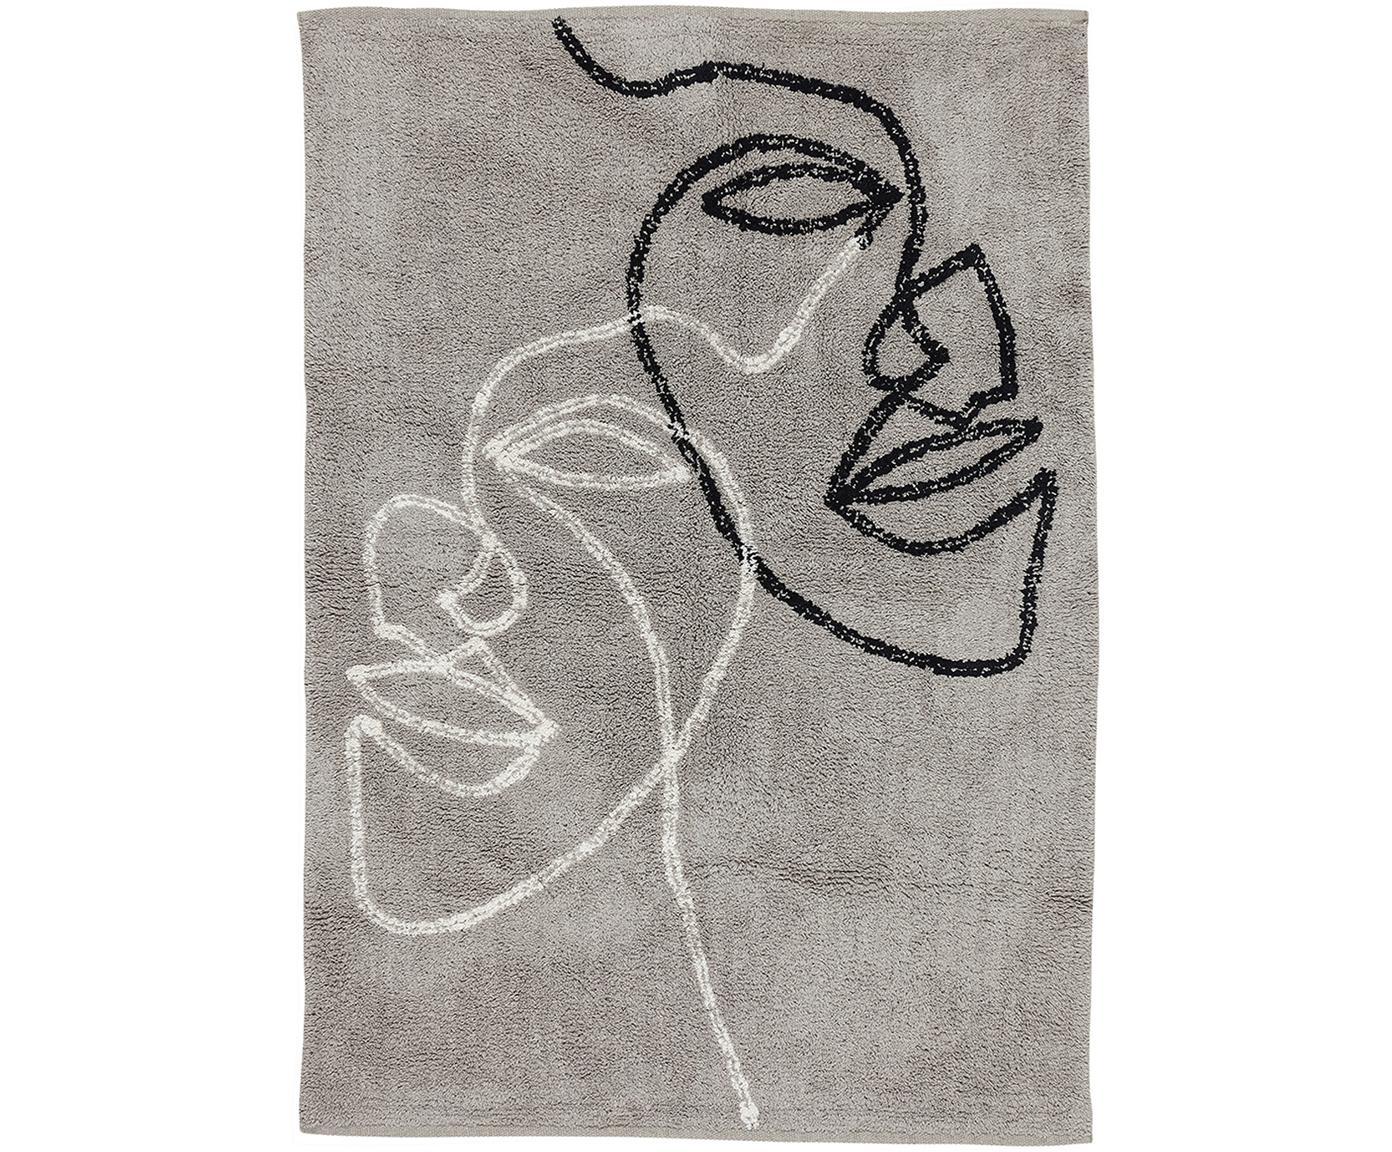 Tappeto in cotone con motivo astratto Visage, Cotone organico, Grigio, nero, bianco, Larg. 90 x Lung. 120 cm (taglia S)